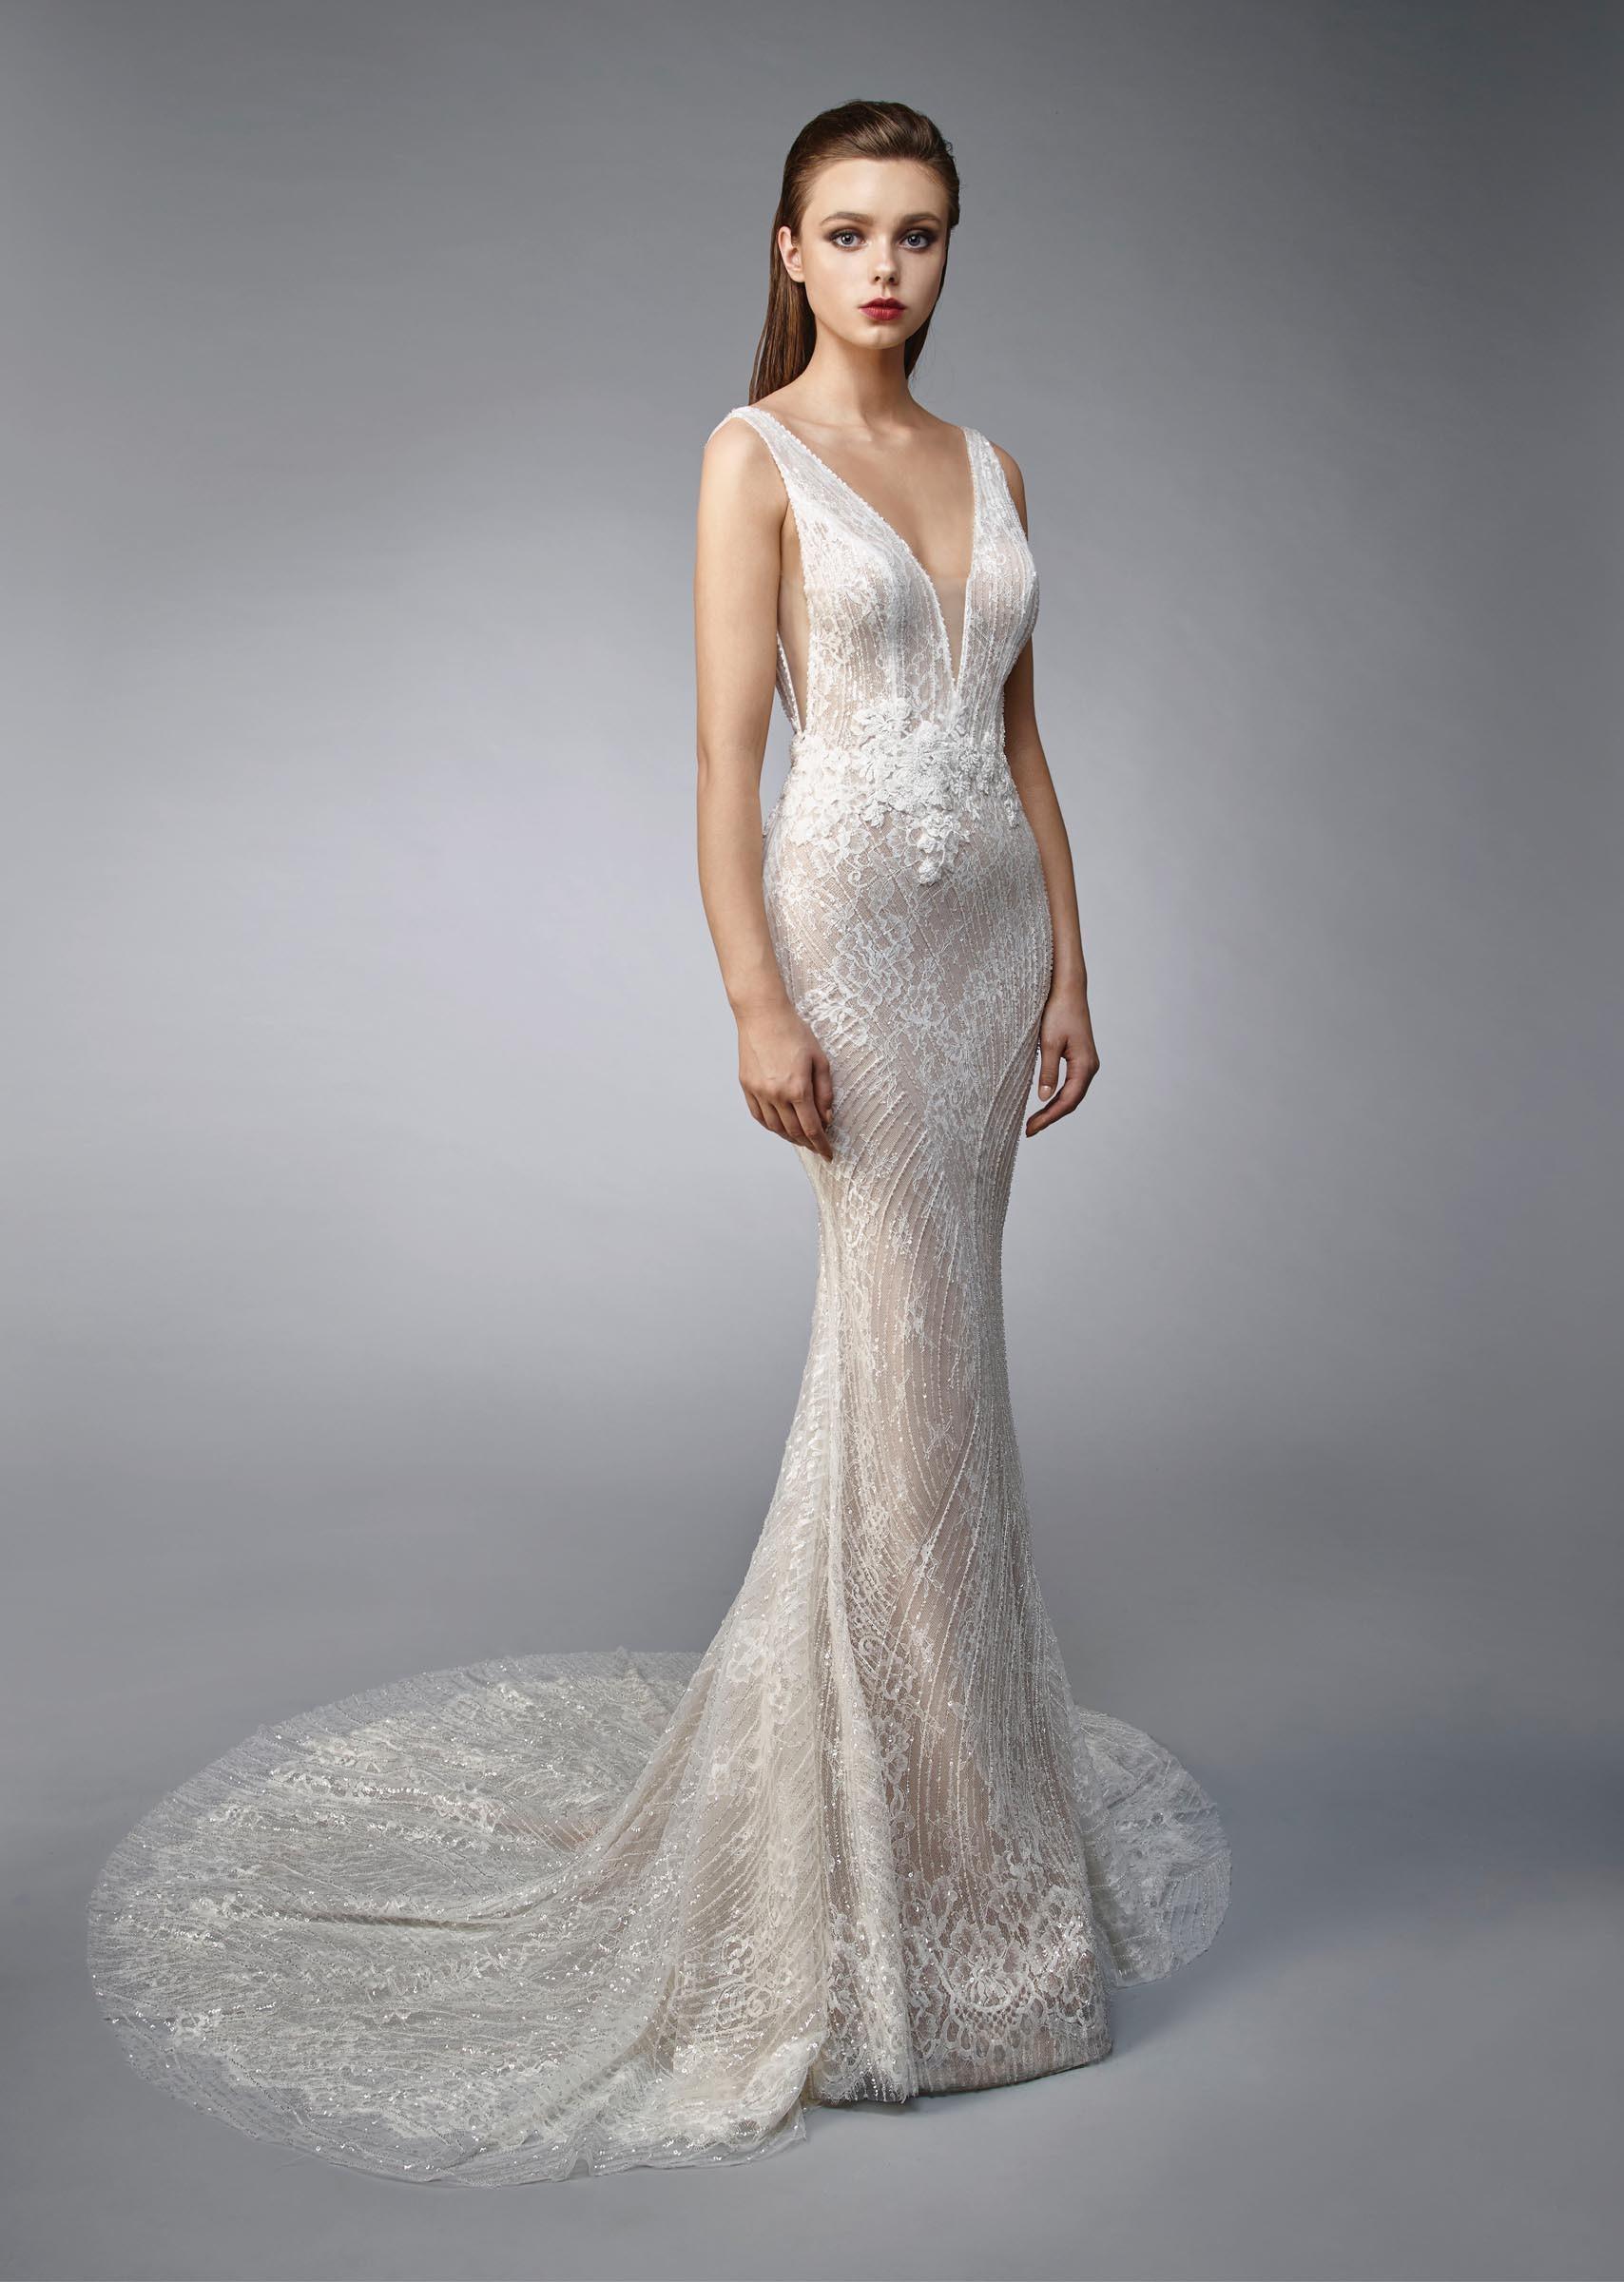 Brautkleider  Die schönsten Kleider & Trends 10 entdecken ❤